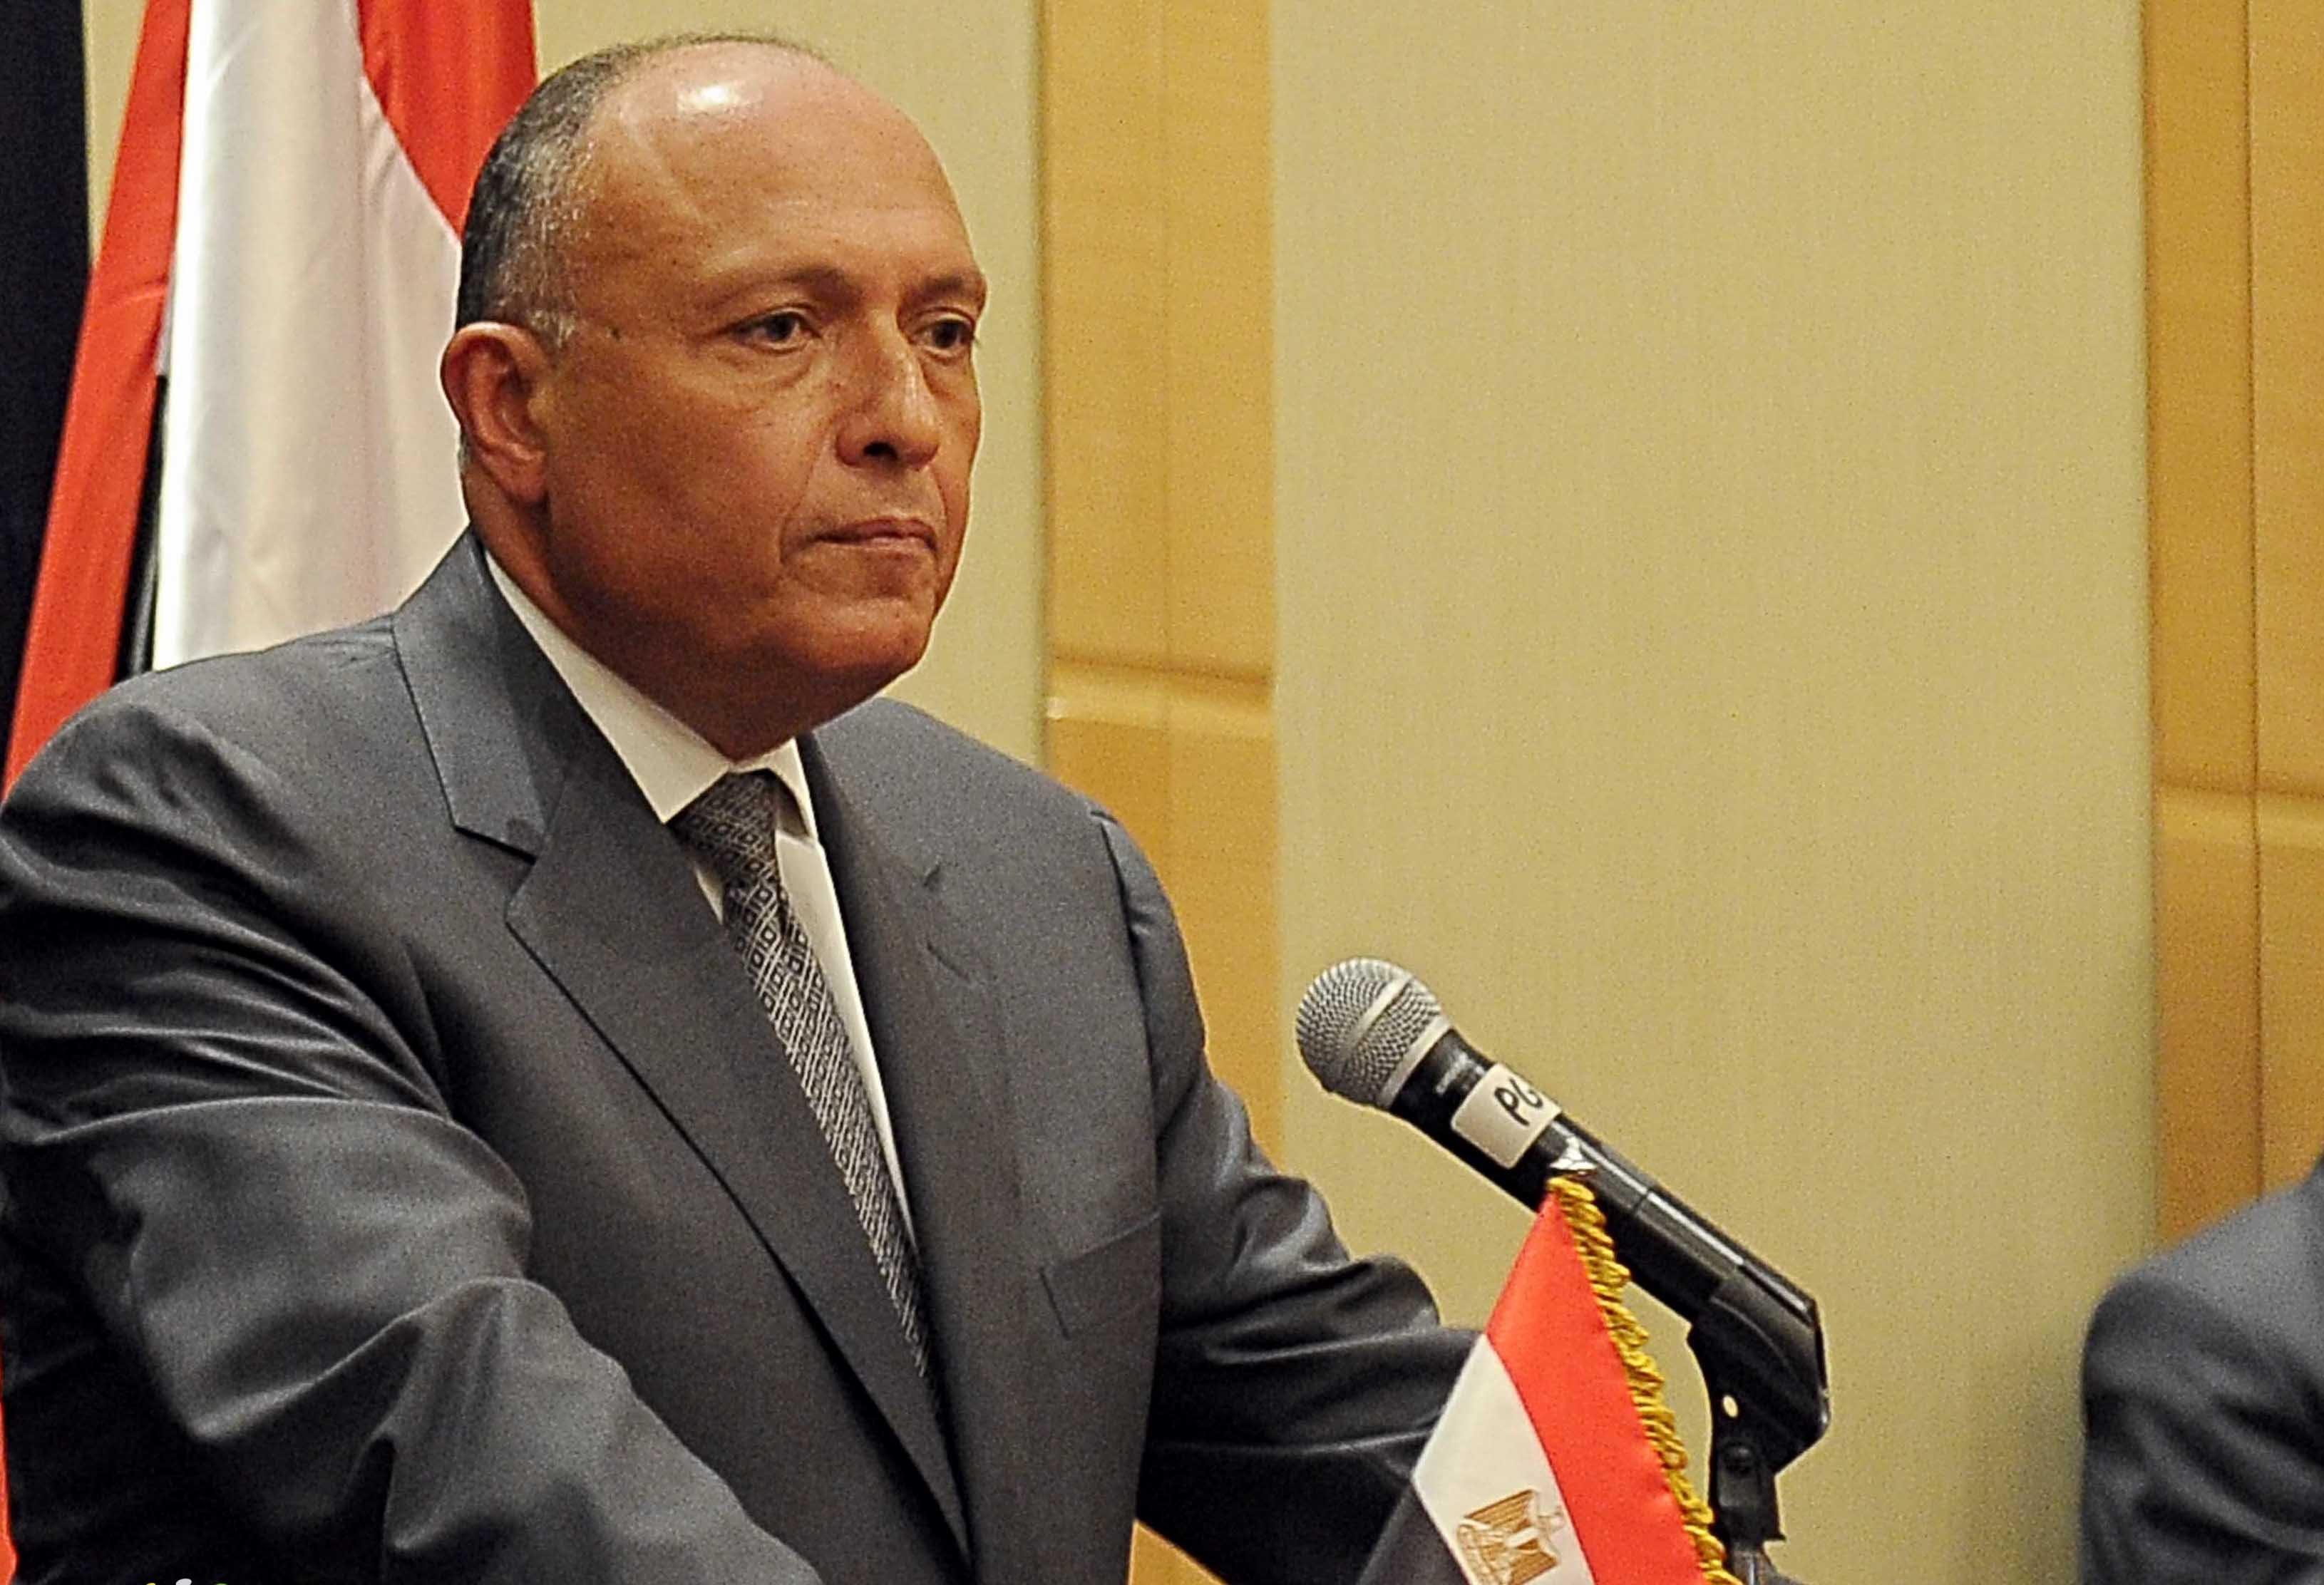 الإمارات والأردن يدخلان خط الوساطة.. والسعودية تشترط إقالة شكري لتحسين العلاقة